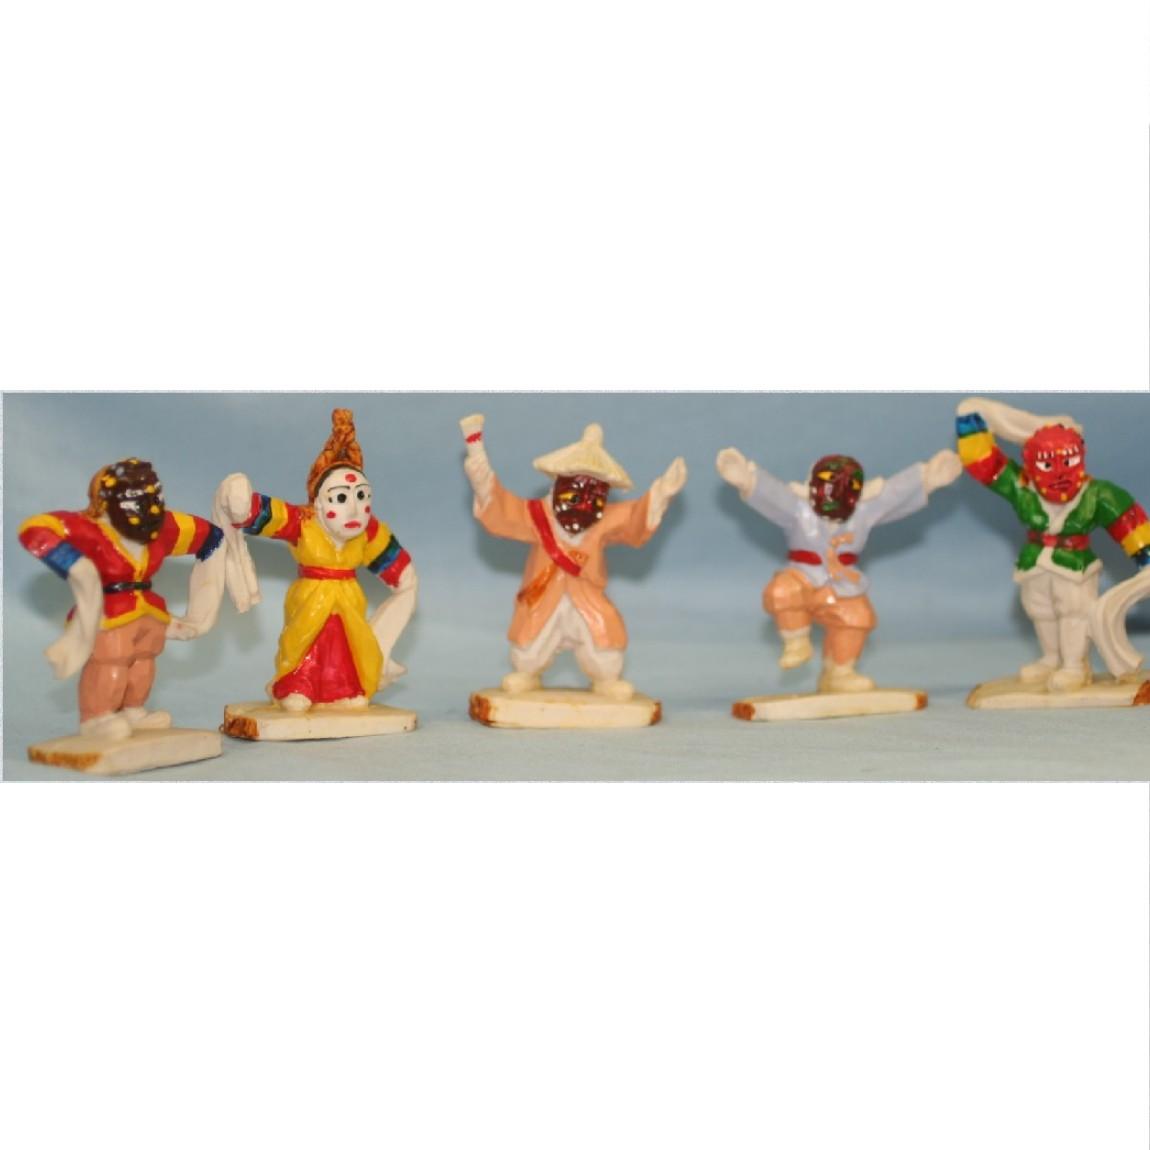 【中古】硬い置物朝鮮王朝時代のにぎやかなお面をかぶった人形5個セット 270911-1